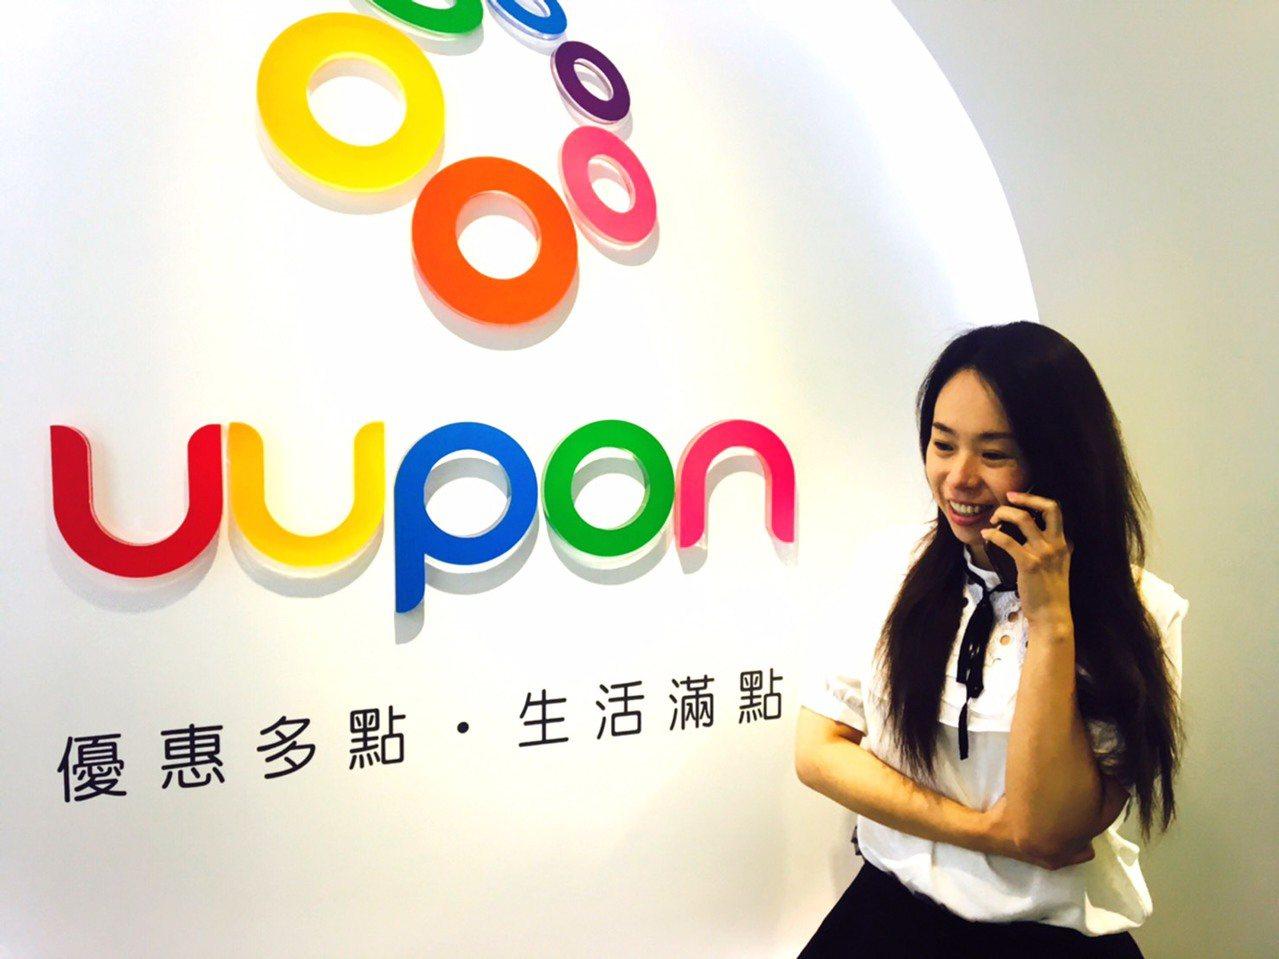 台灣預計在2020年邁進5G時代,各家電信業者摩拳擦掌準備應戰,迎接未來電信服務...